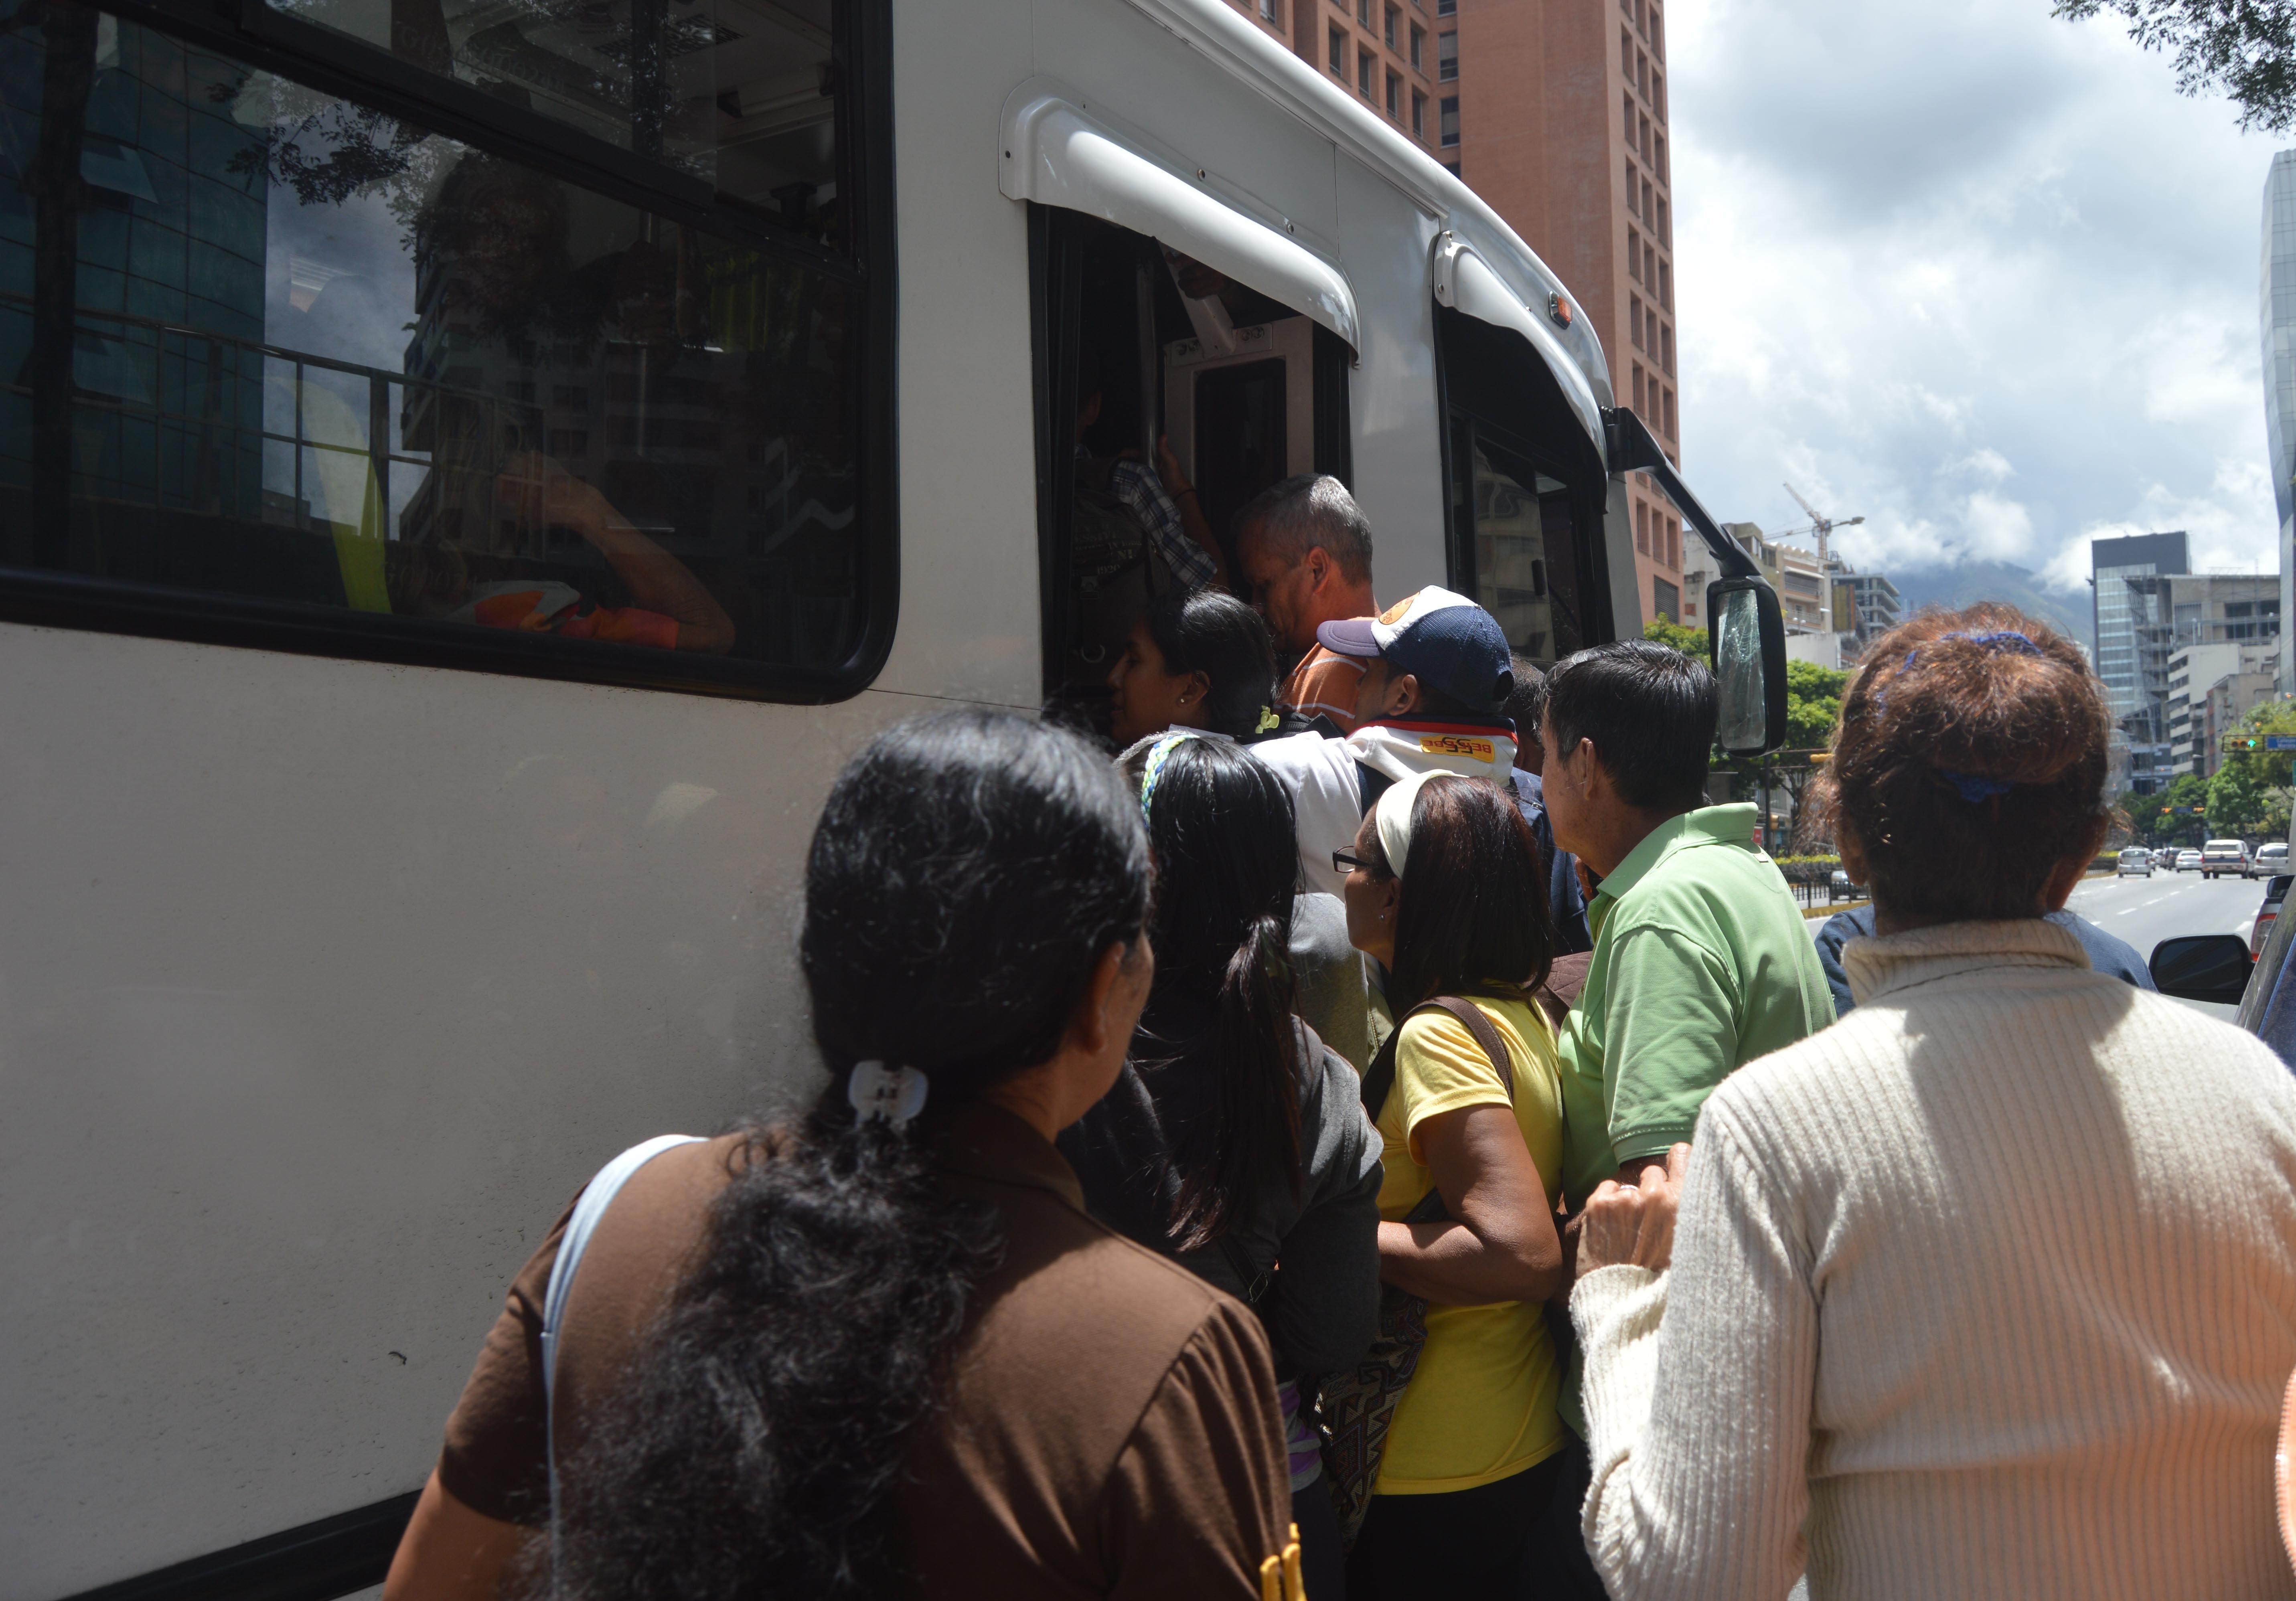 Apagón eléctrico provocó suspensión del sistema de transporte subterráneo en Caracas, y ocasionó caos en la ciudad